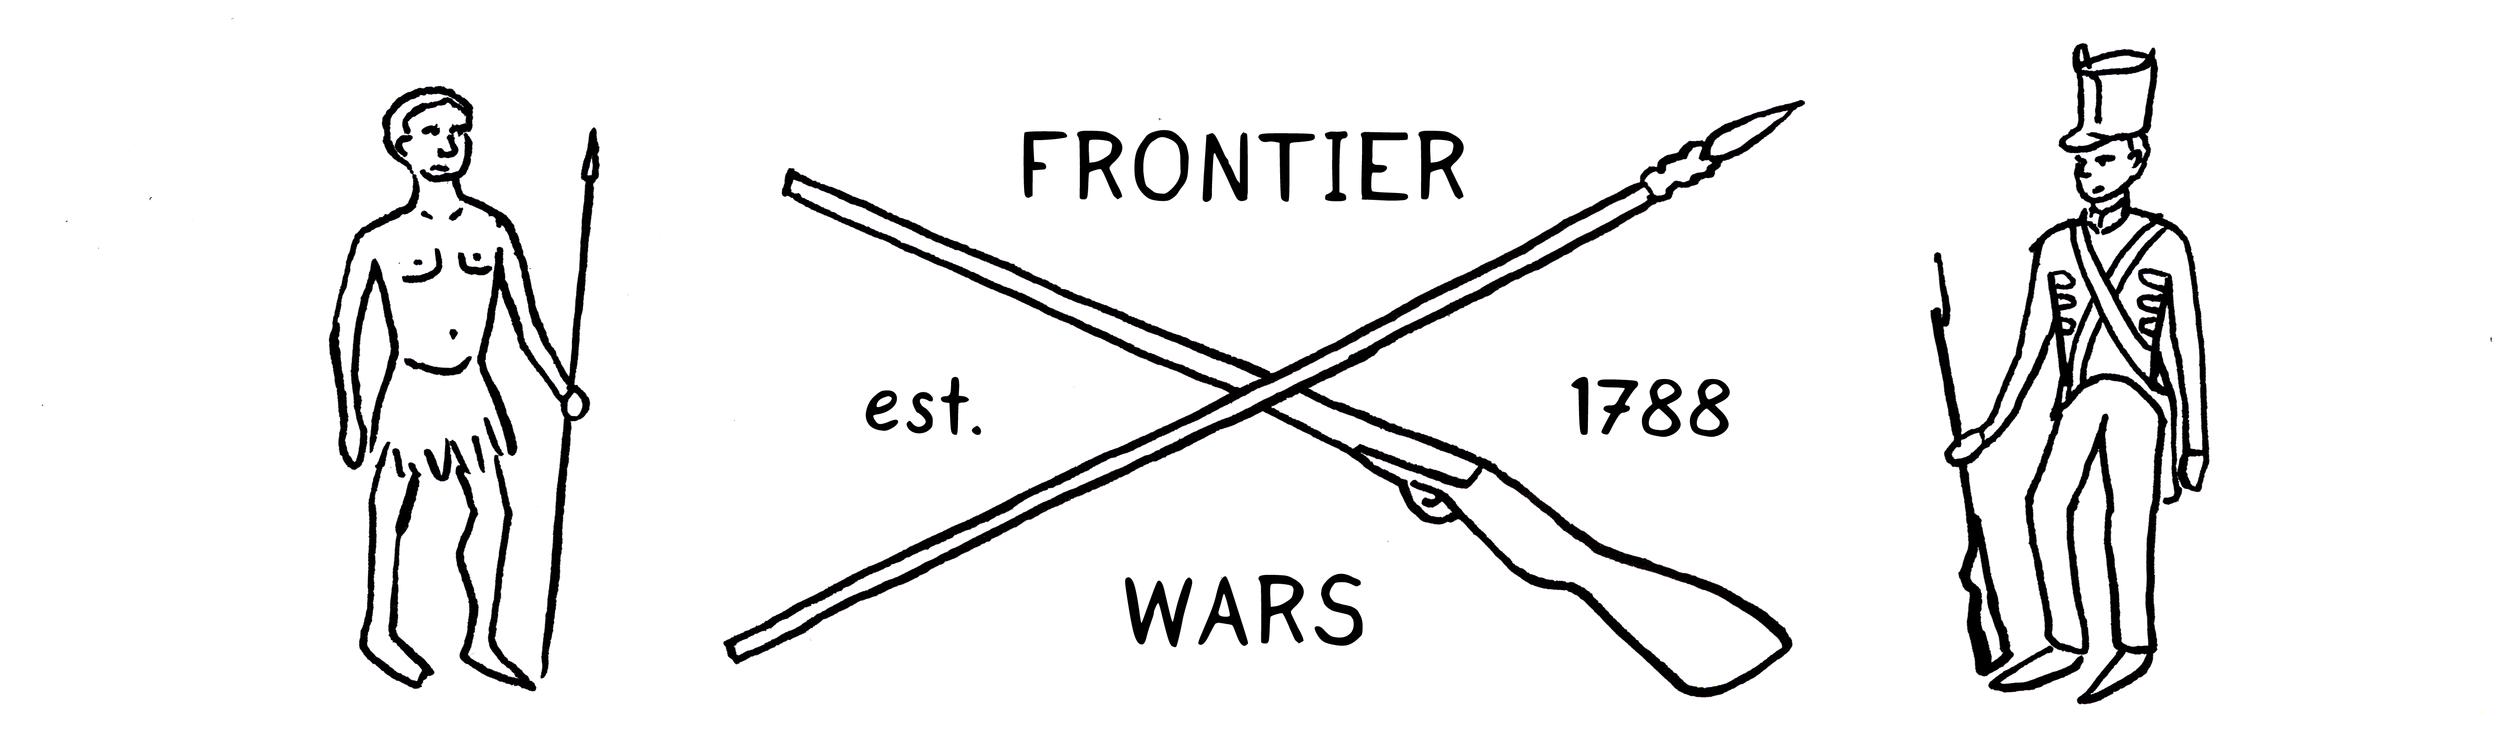 frontier wars.png